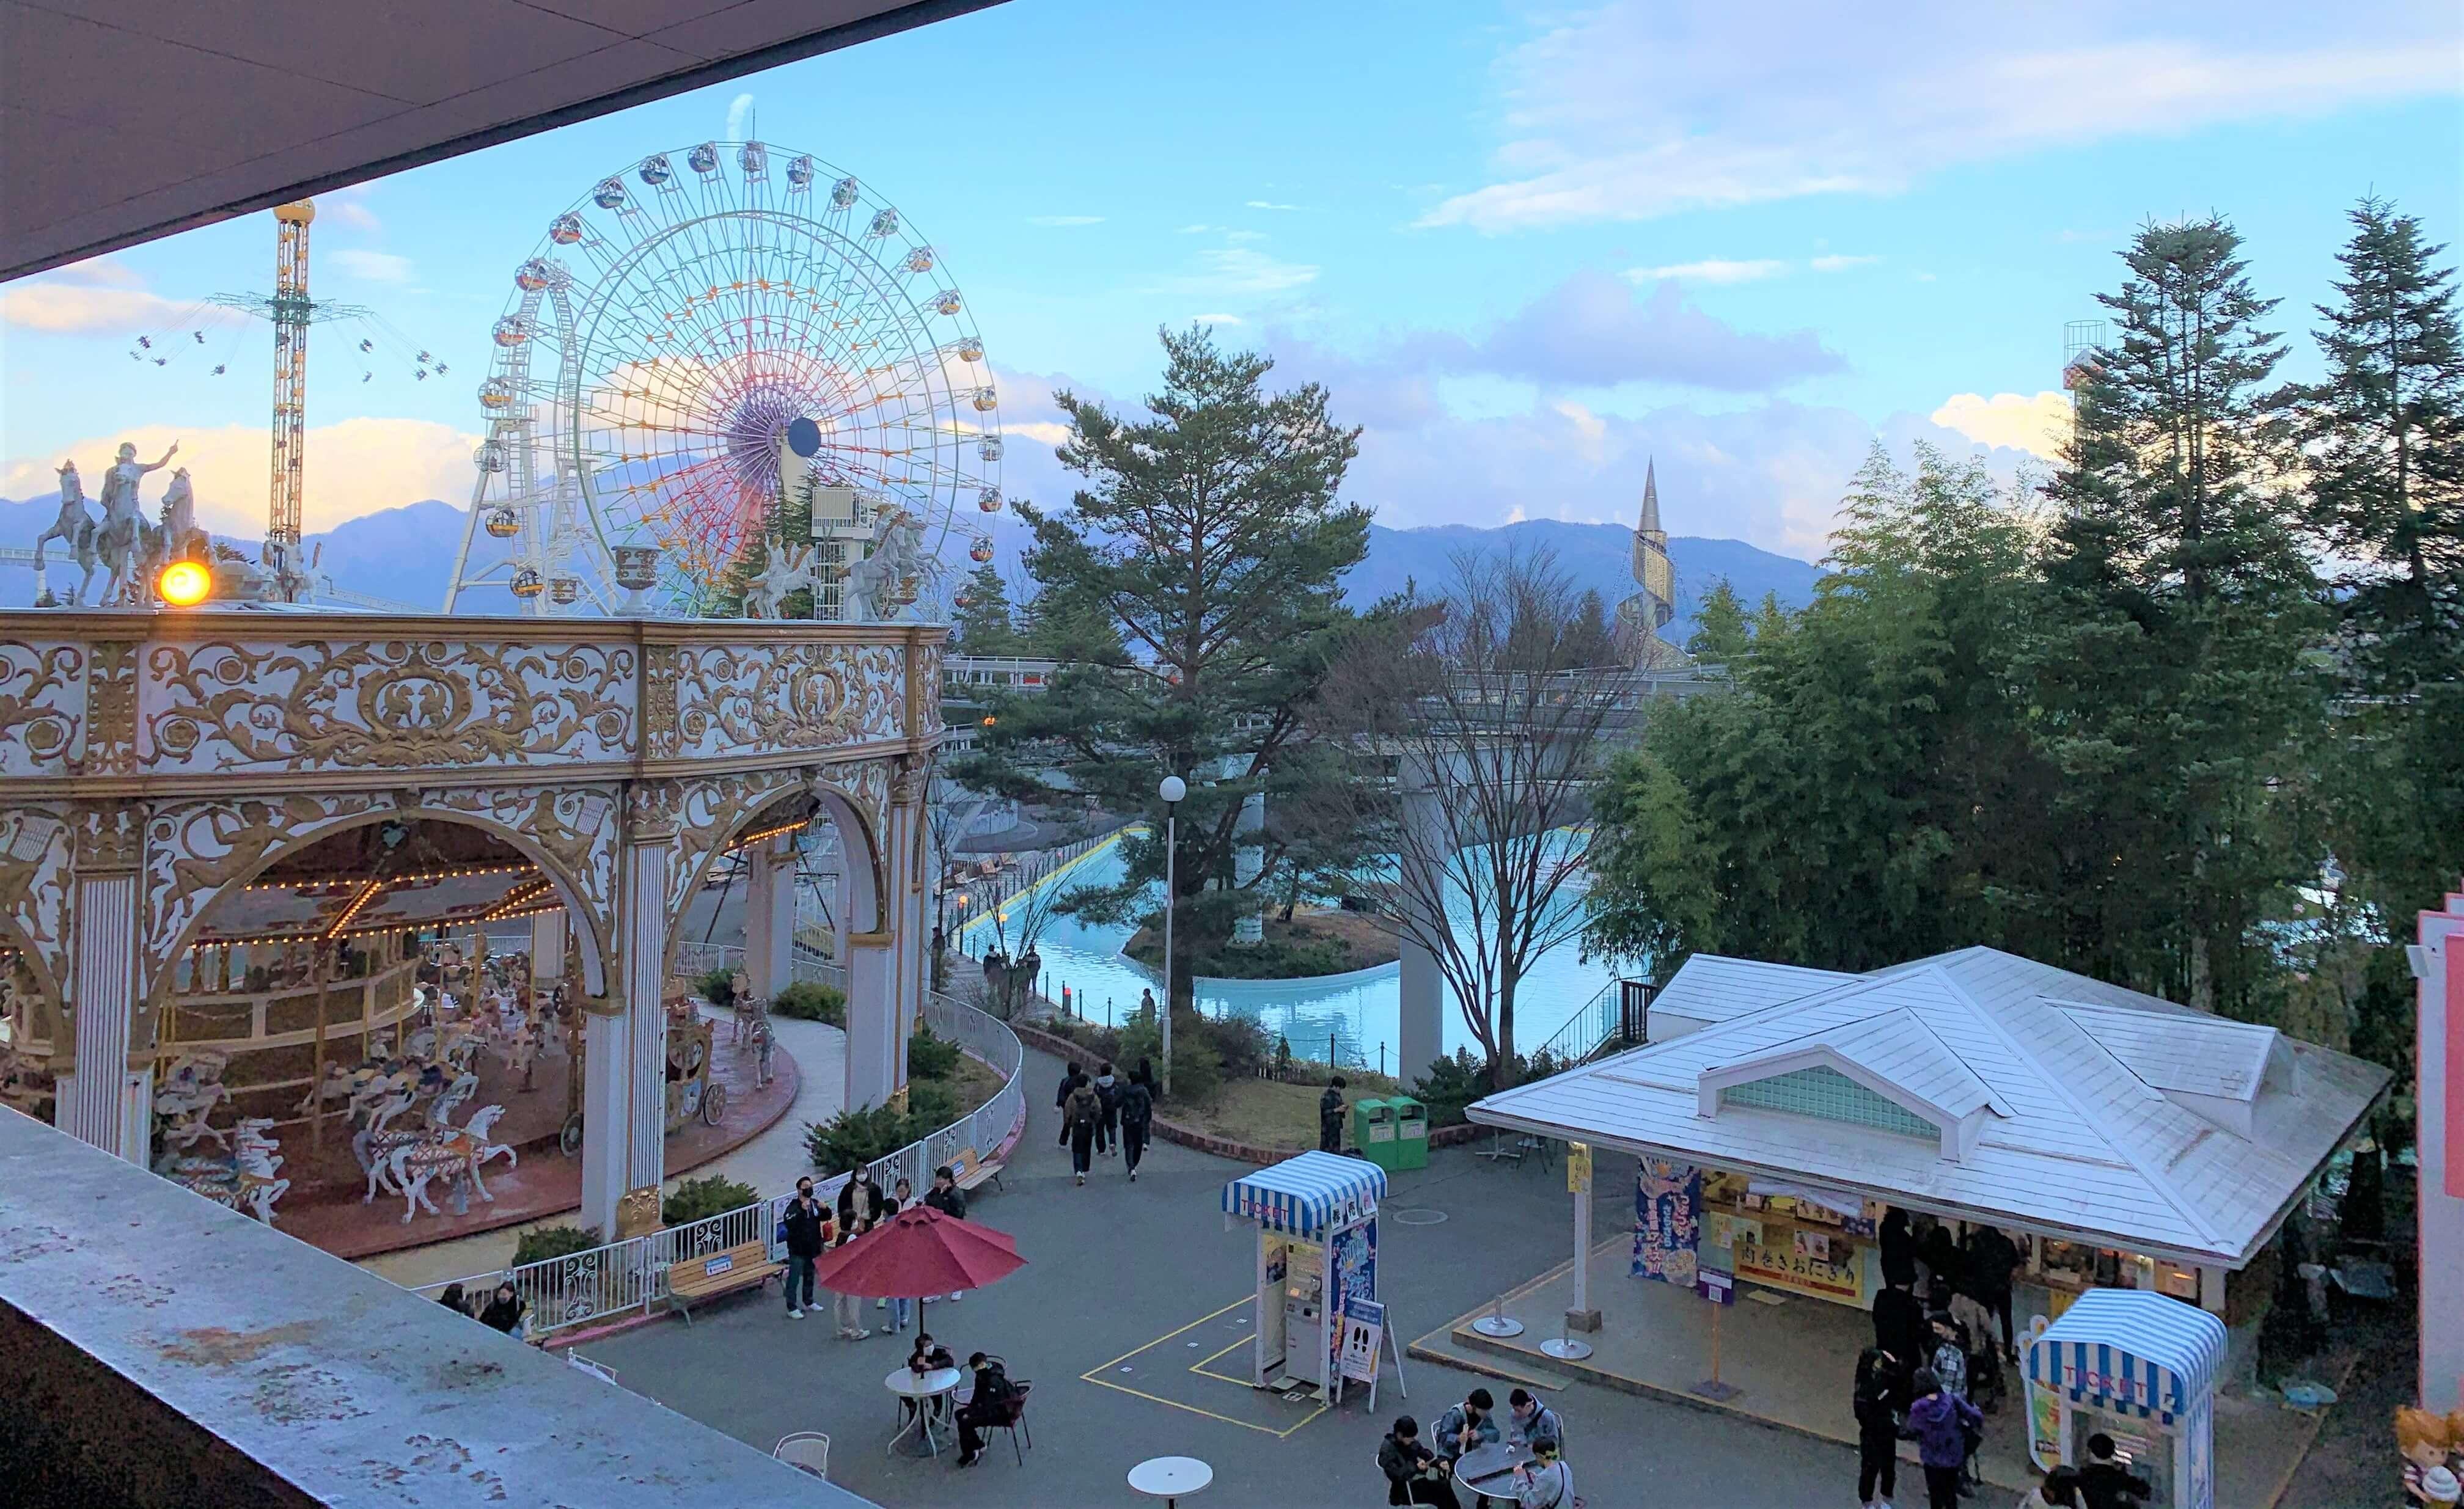 【2021夏】富士急ハイランドに新アトラクション誕生!近くのホテルや天気、アクセスなどを徹底調査!